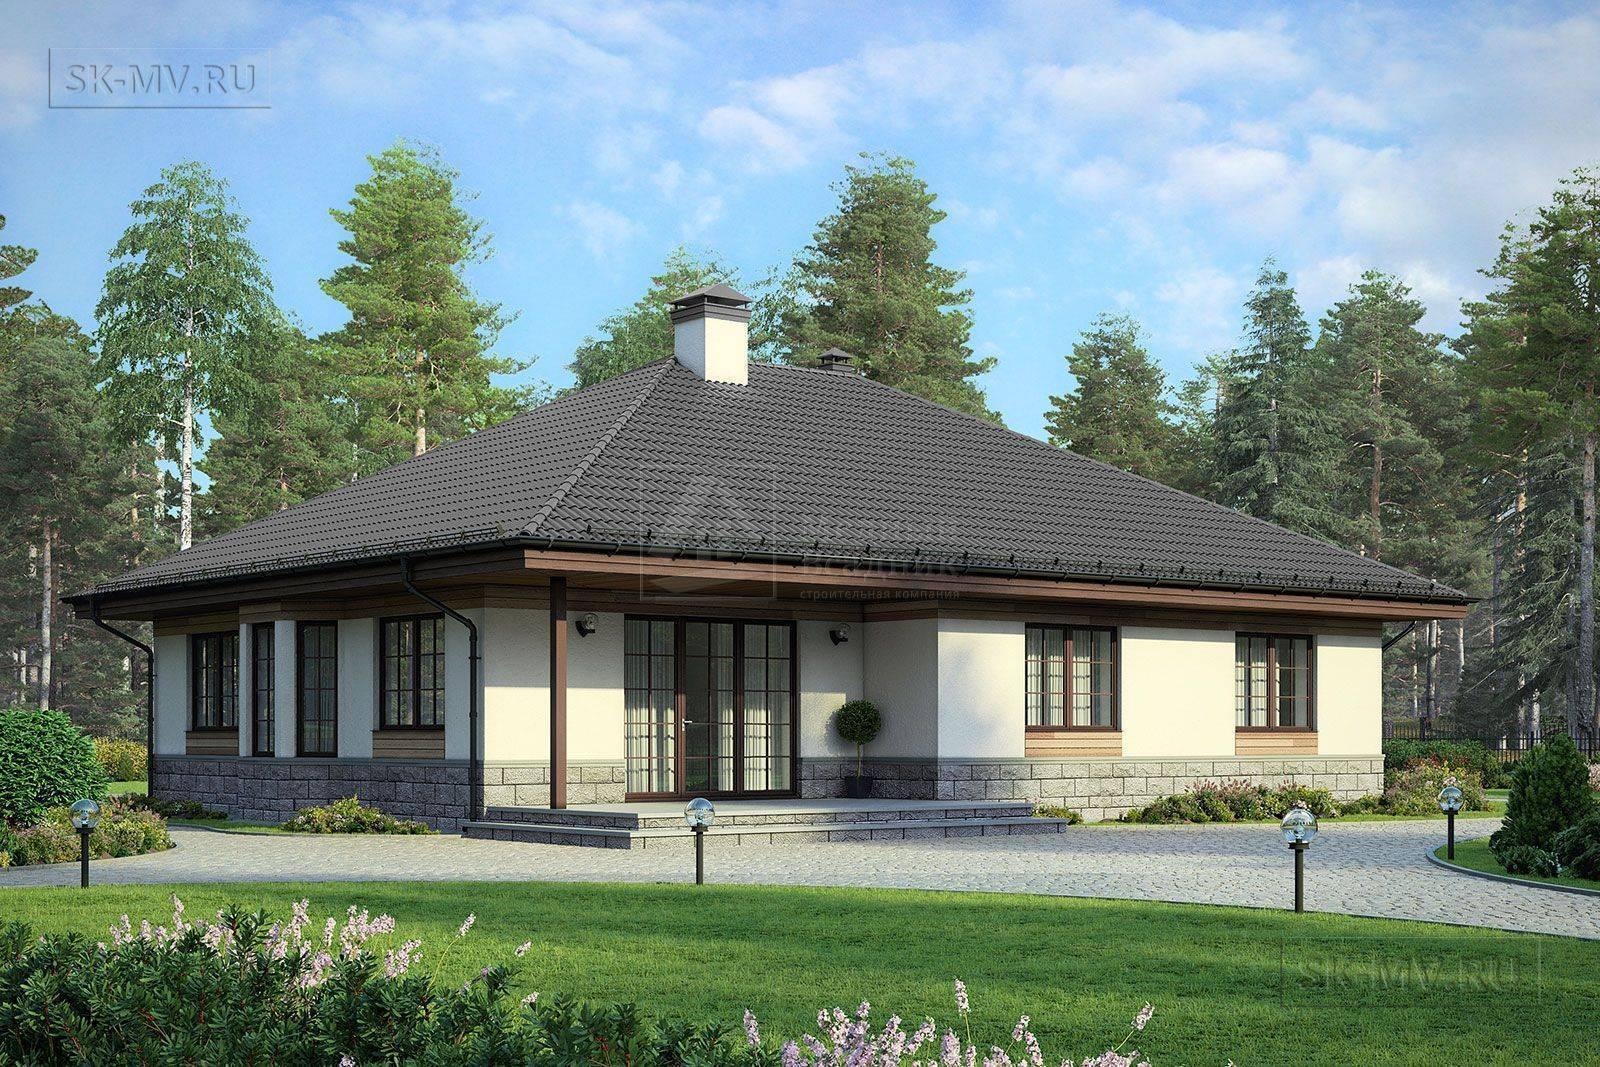 Сколько стоит построить частный дом – цены на строительство коттеджей в 2020 году